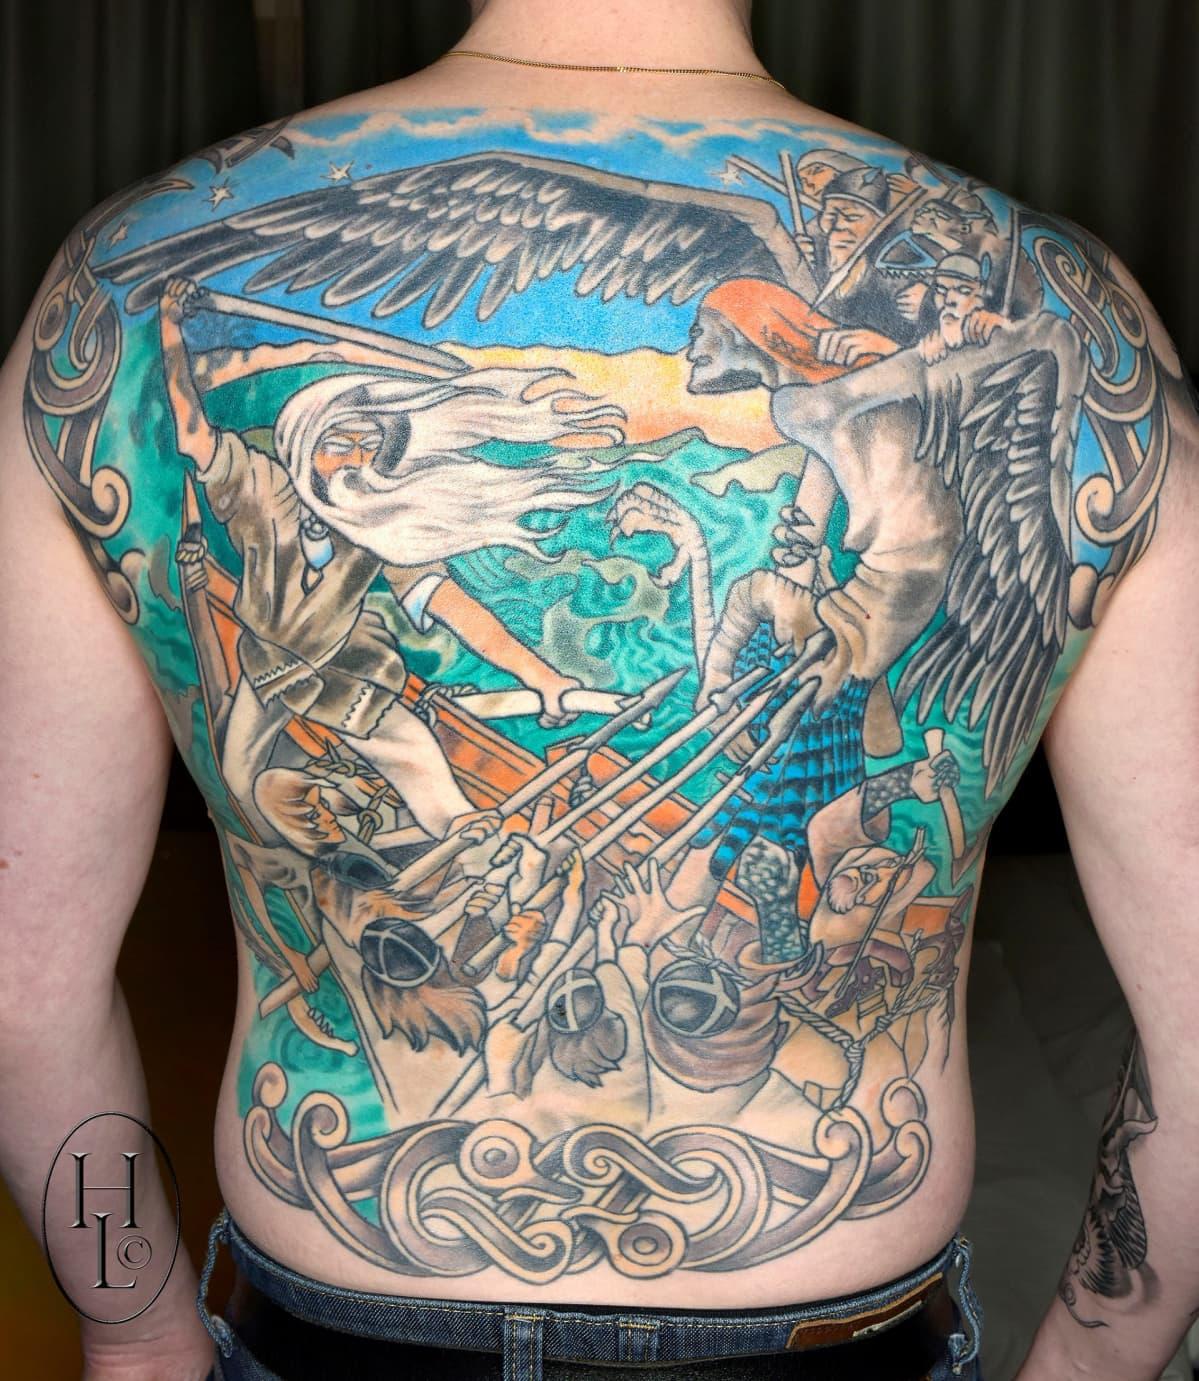 Tatuoitujen taideteosten joukossa suosituimmaksi taiteilijaksi osoittautui Akseli Gallen-Kallela.